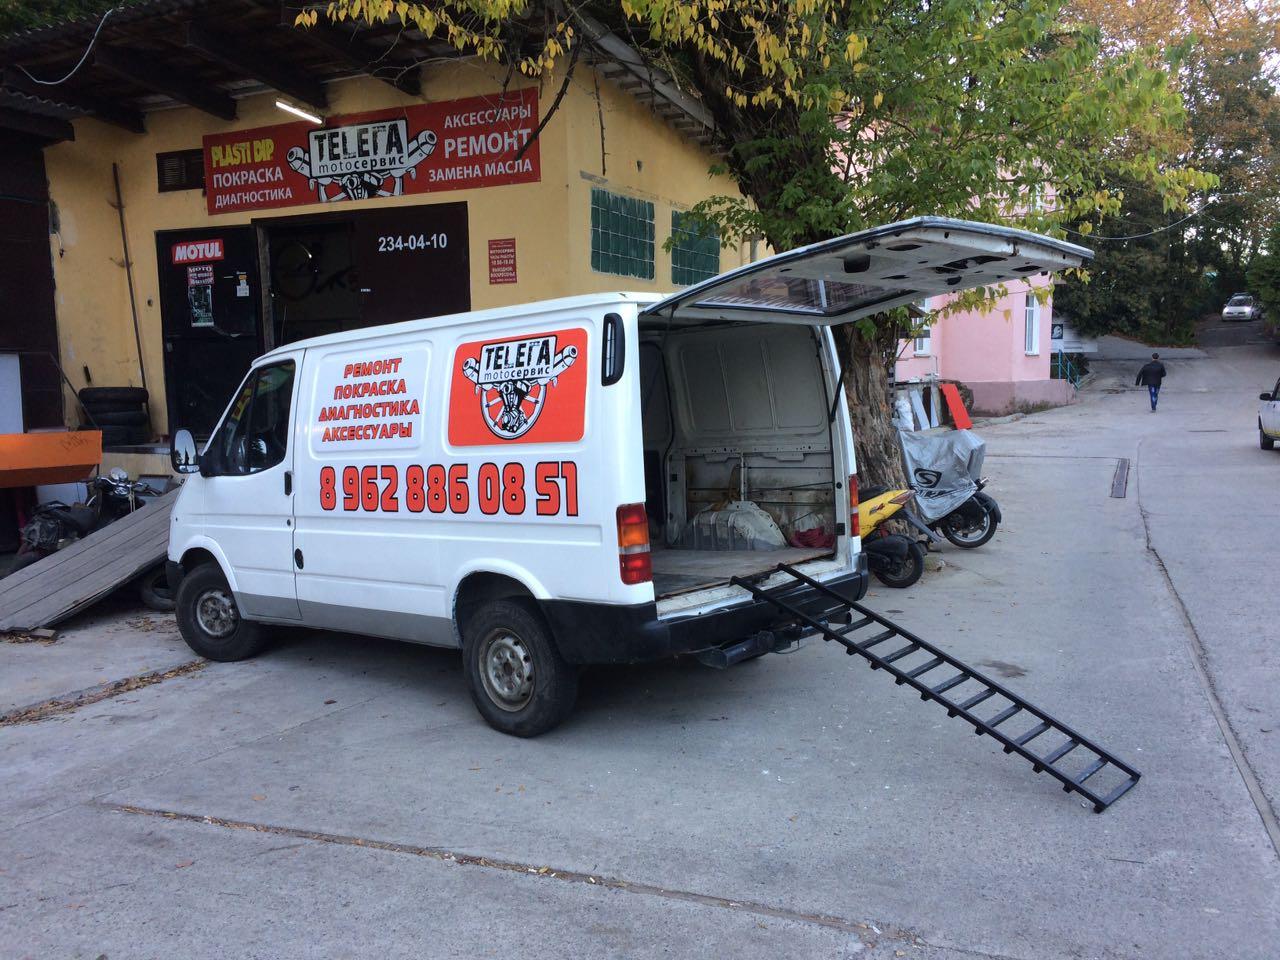 мотоэвакуатор сочи, ремонт мотоциклов, капитальный ремонт двигателя сочи, ремонт мотоциклов сочи, техническое обслуживание